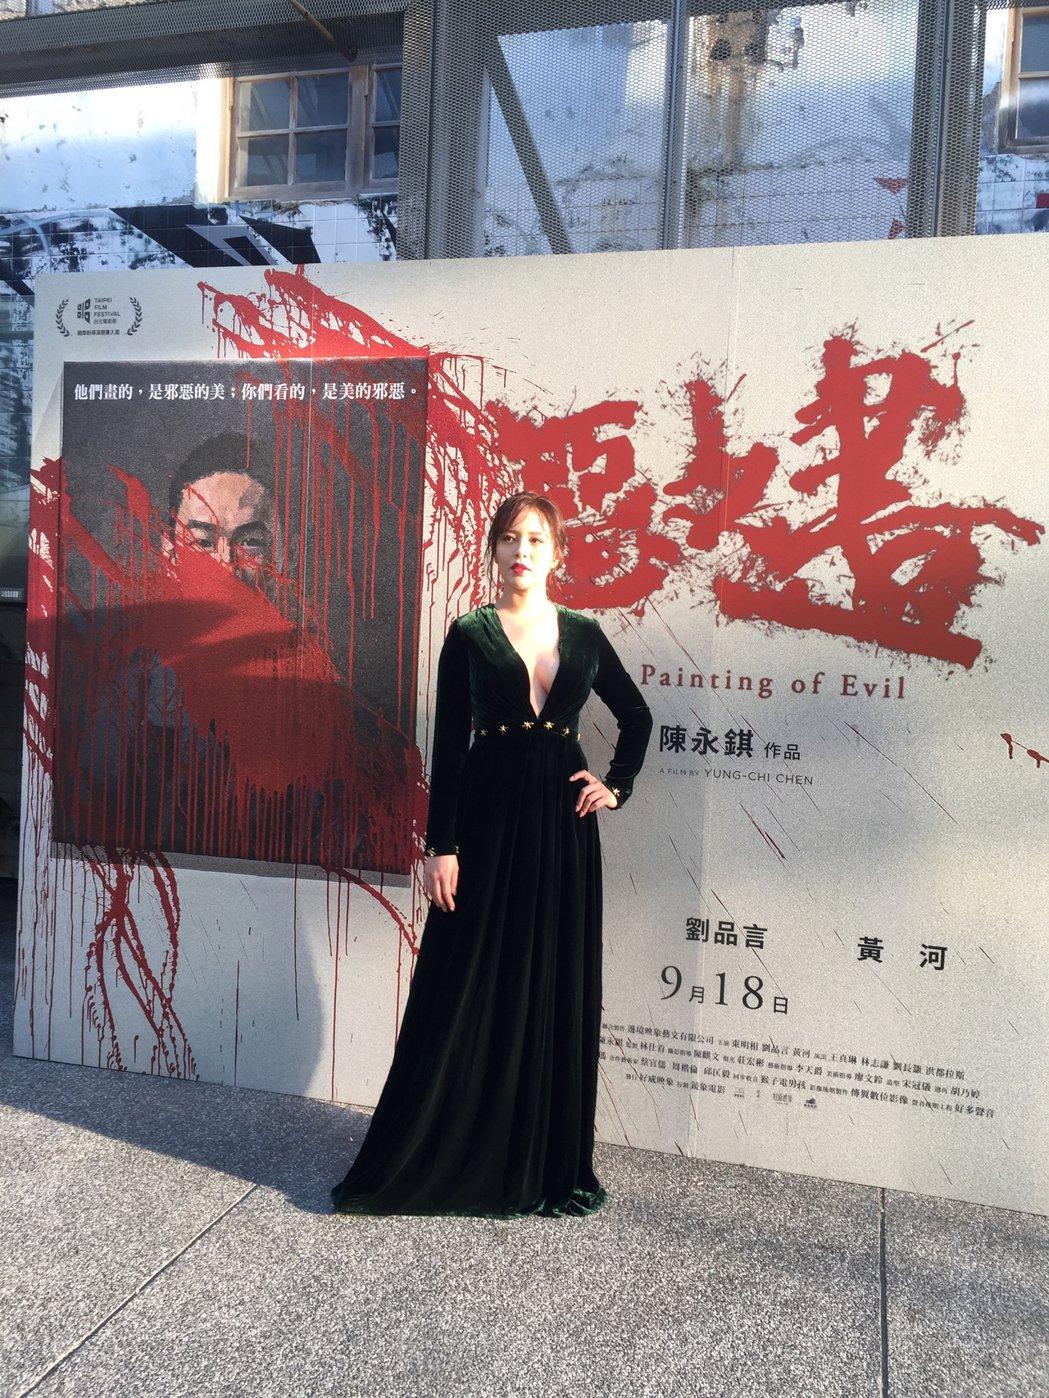 劉品言性感出席「惡之畫」首映會。記者蘇詠智/攝影